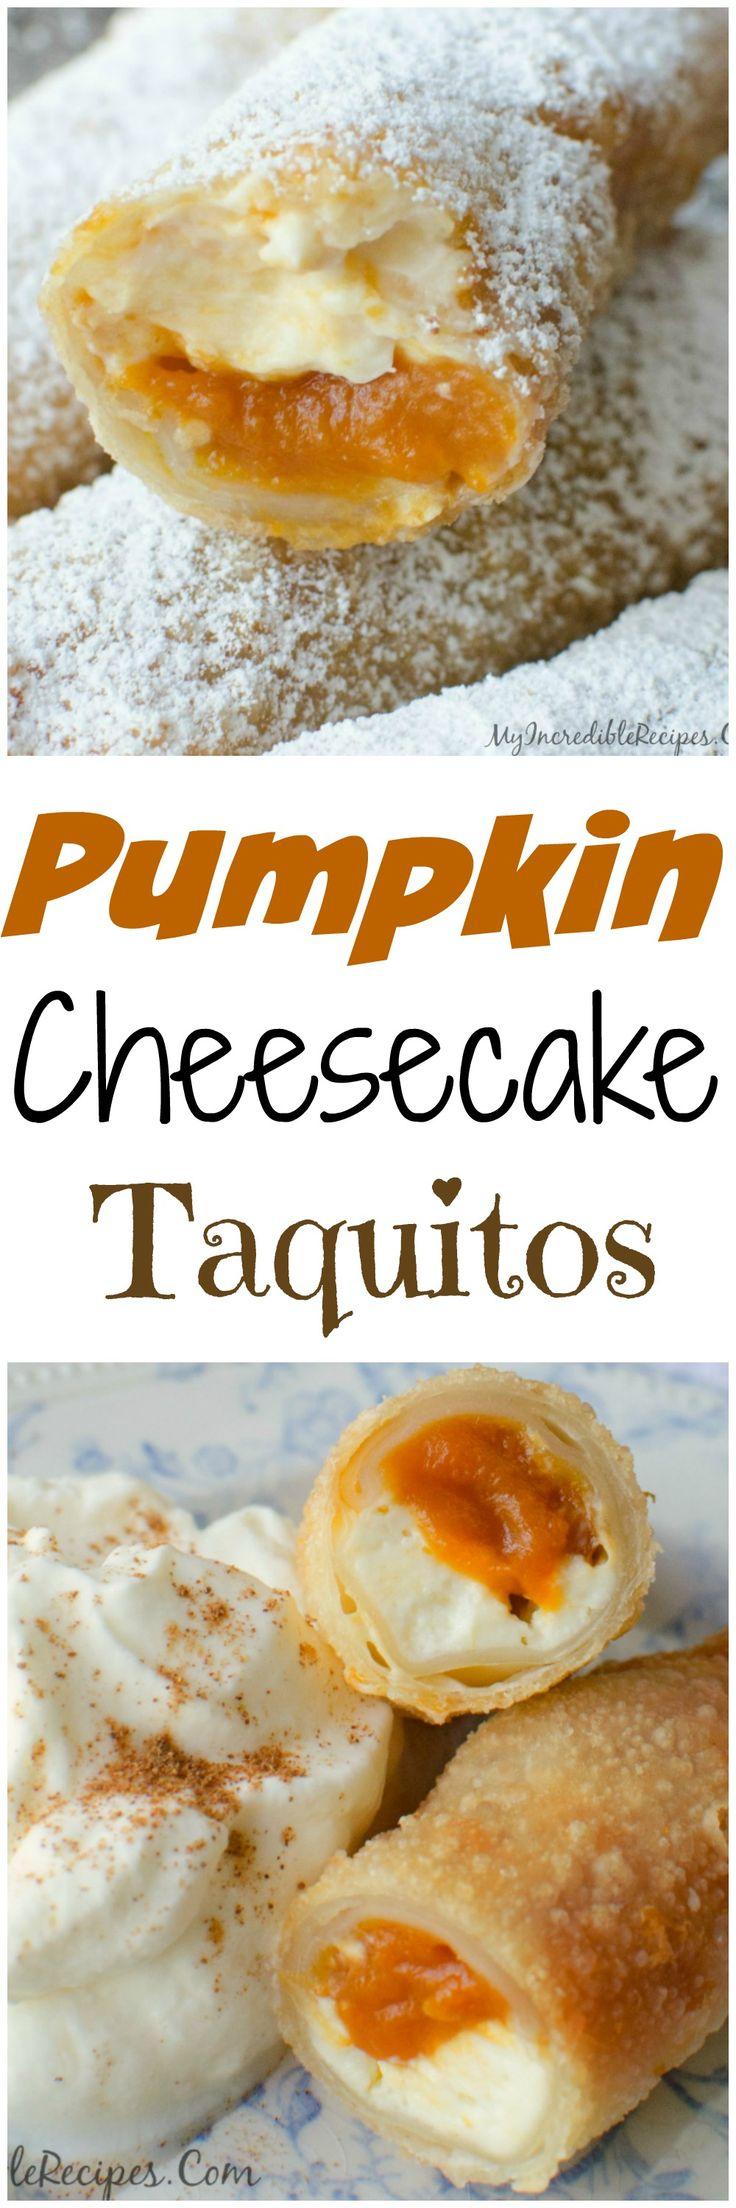 Pumpkin Cheesecake Taquitos!